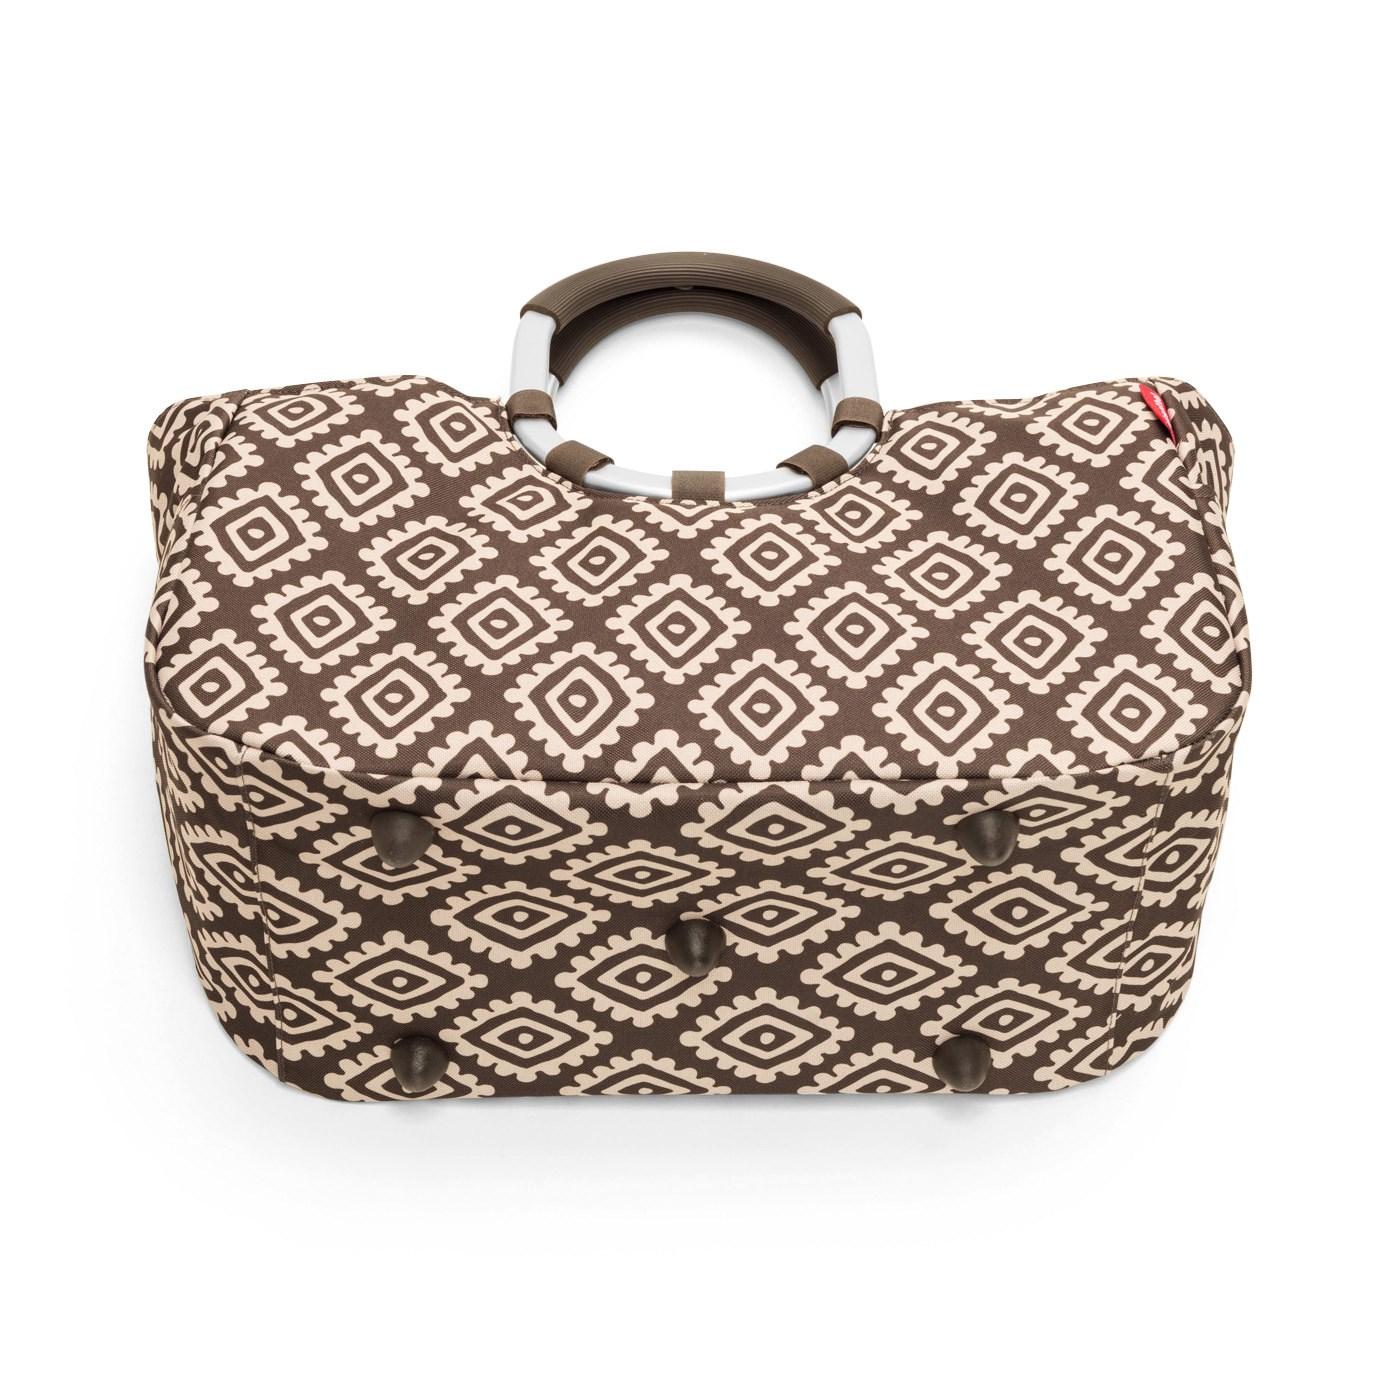 Nákupní taška LOOPSHOPPER M diamonds mocha_1